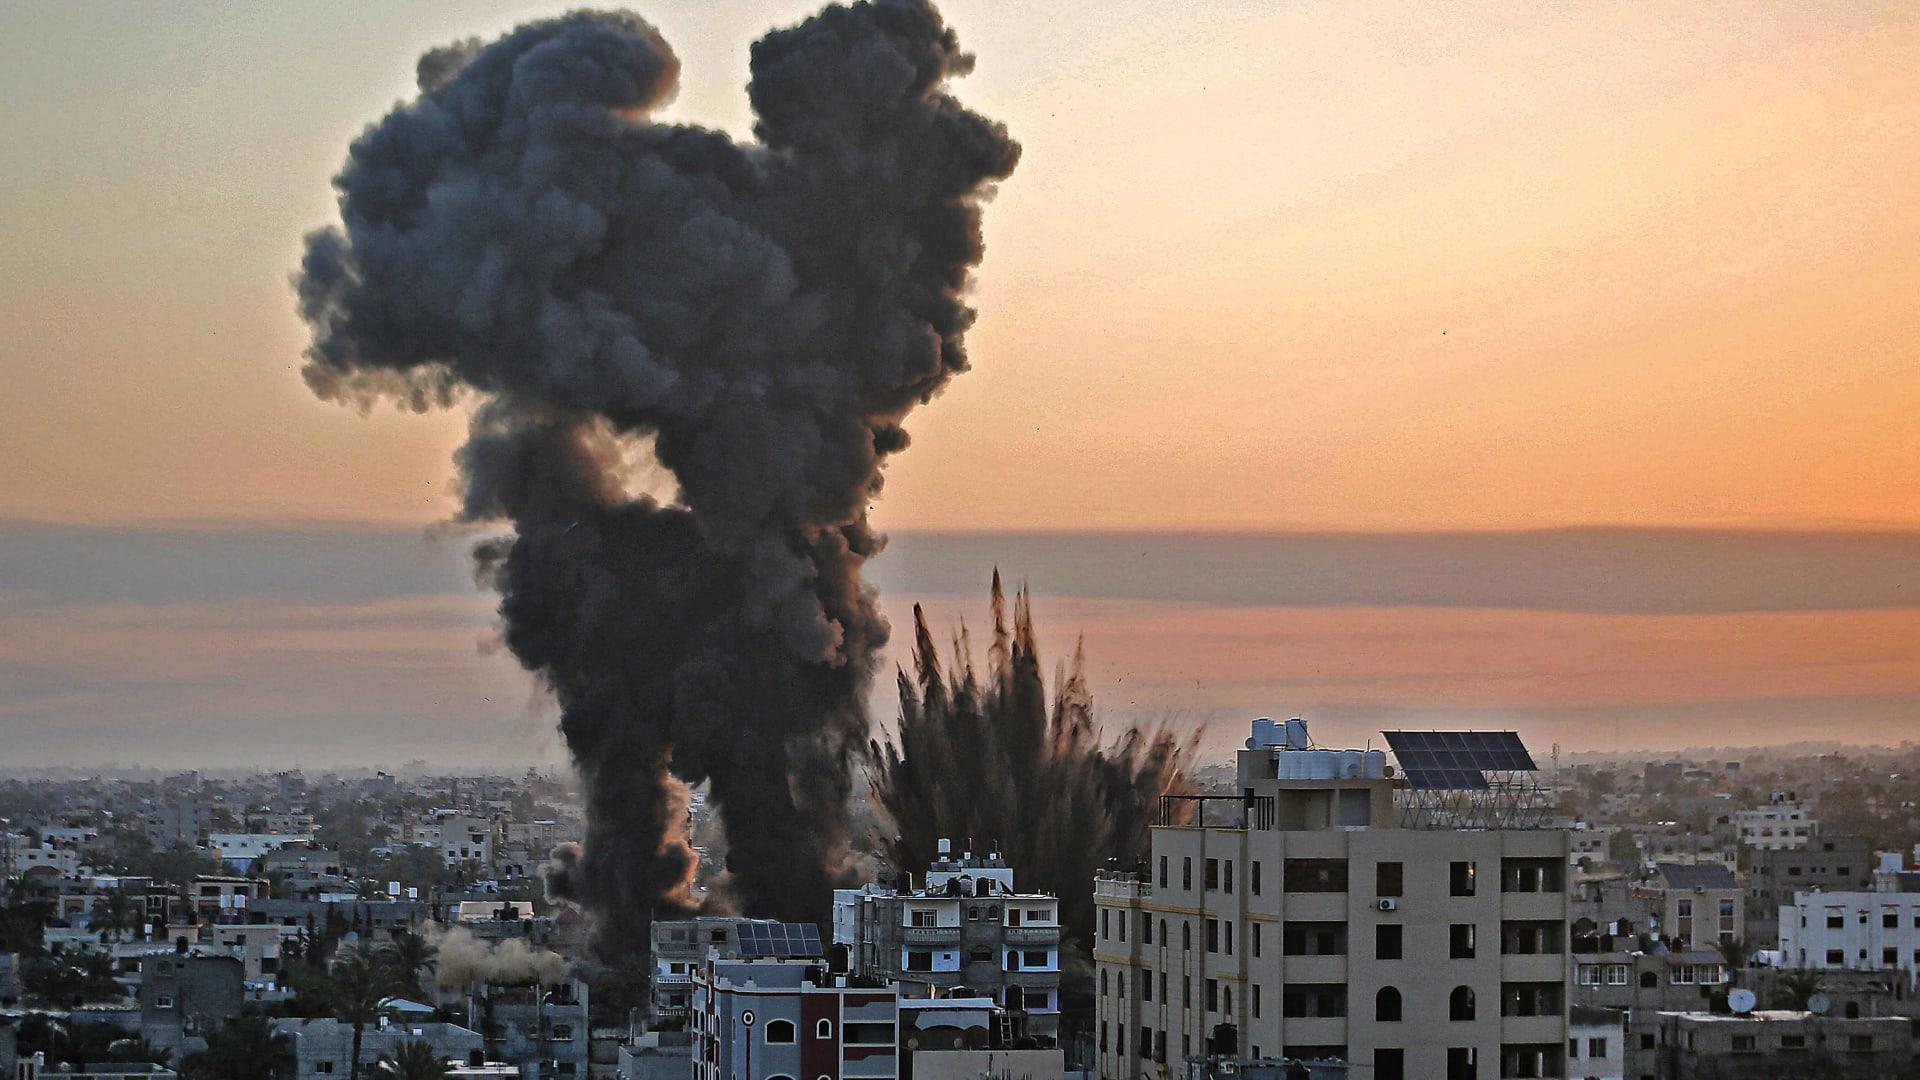 الهدنة بين الفلسطينيين وإسرائيل وشيكة لكن أسباب حرب قادمة ما زالت موجودة